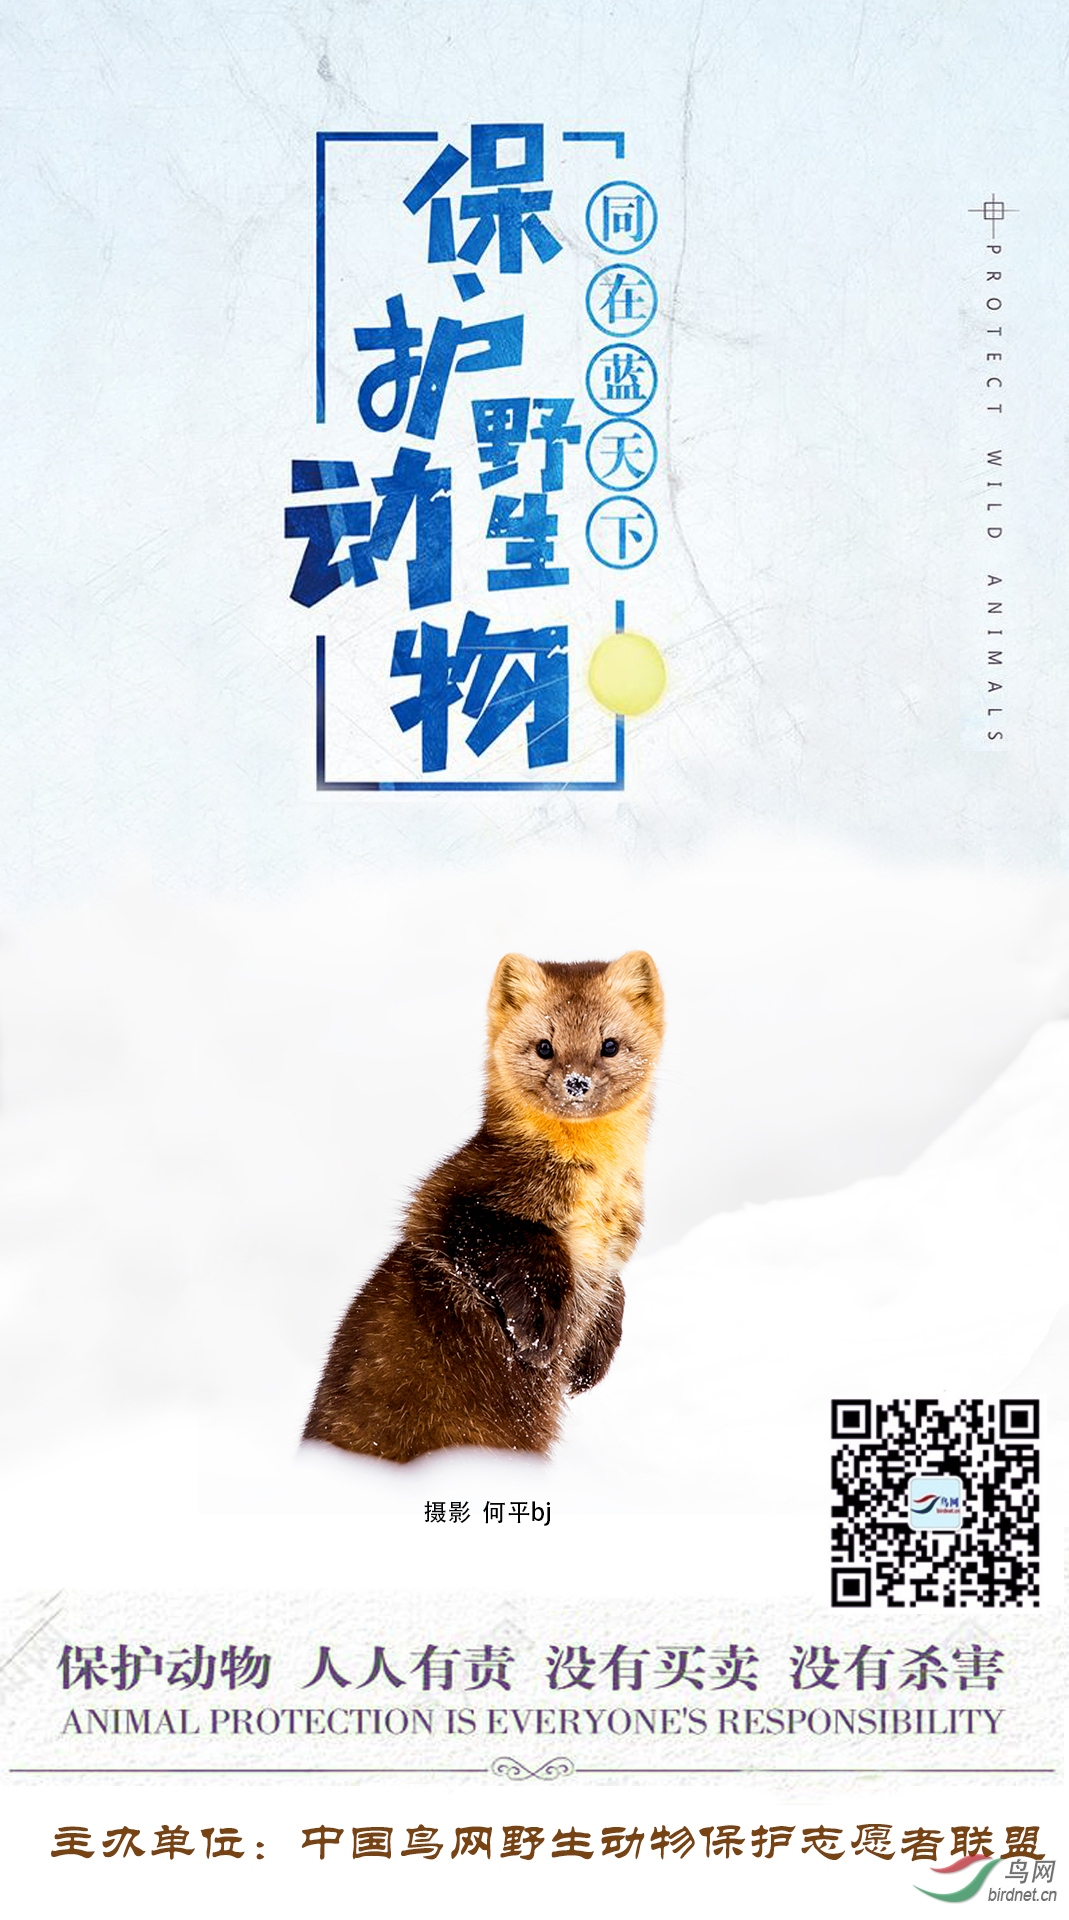 野生动物保护海报-何平.jpg